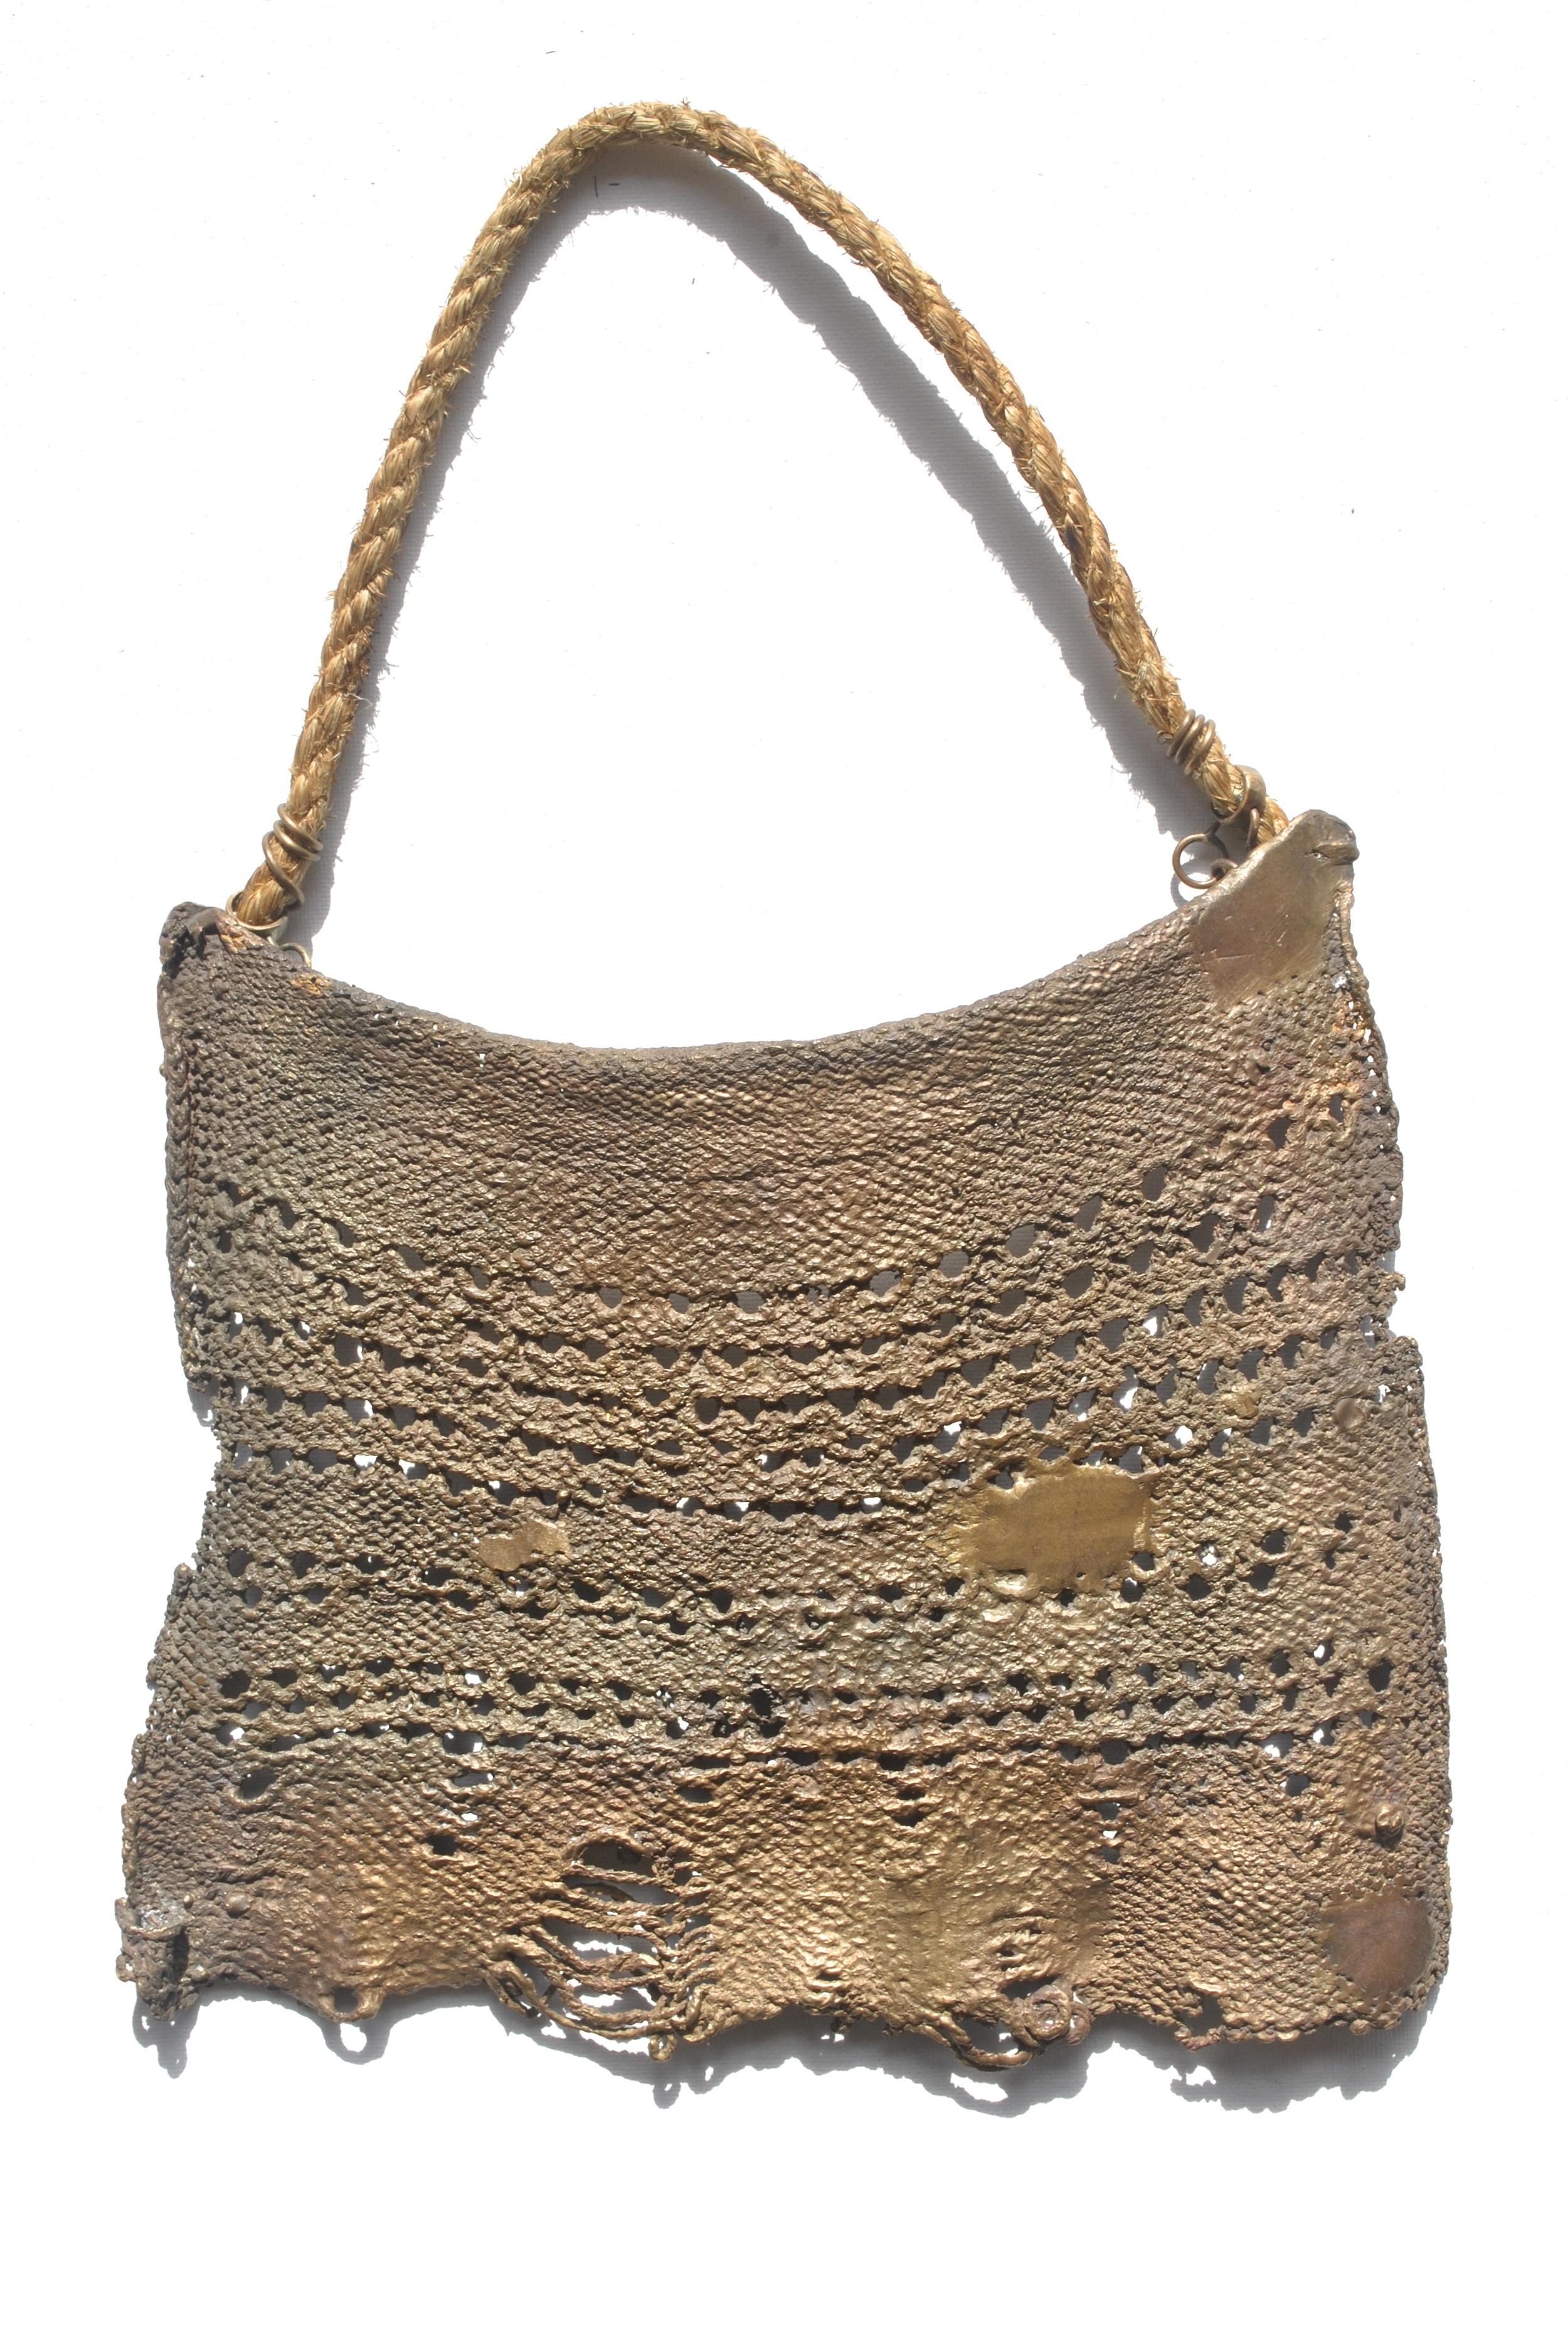 Bronze Knitwear III, 2014